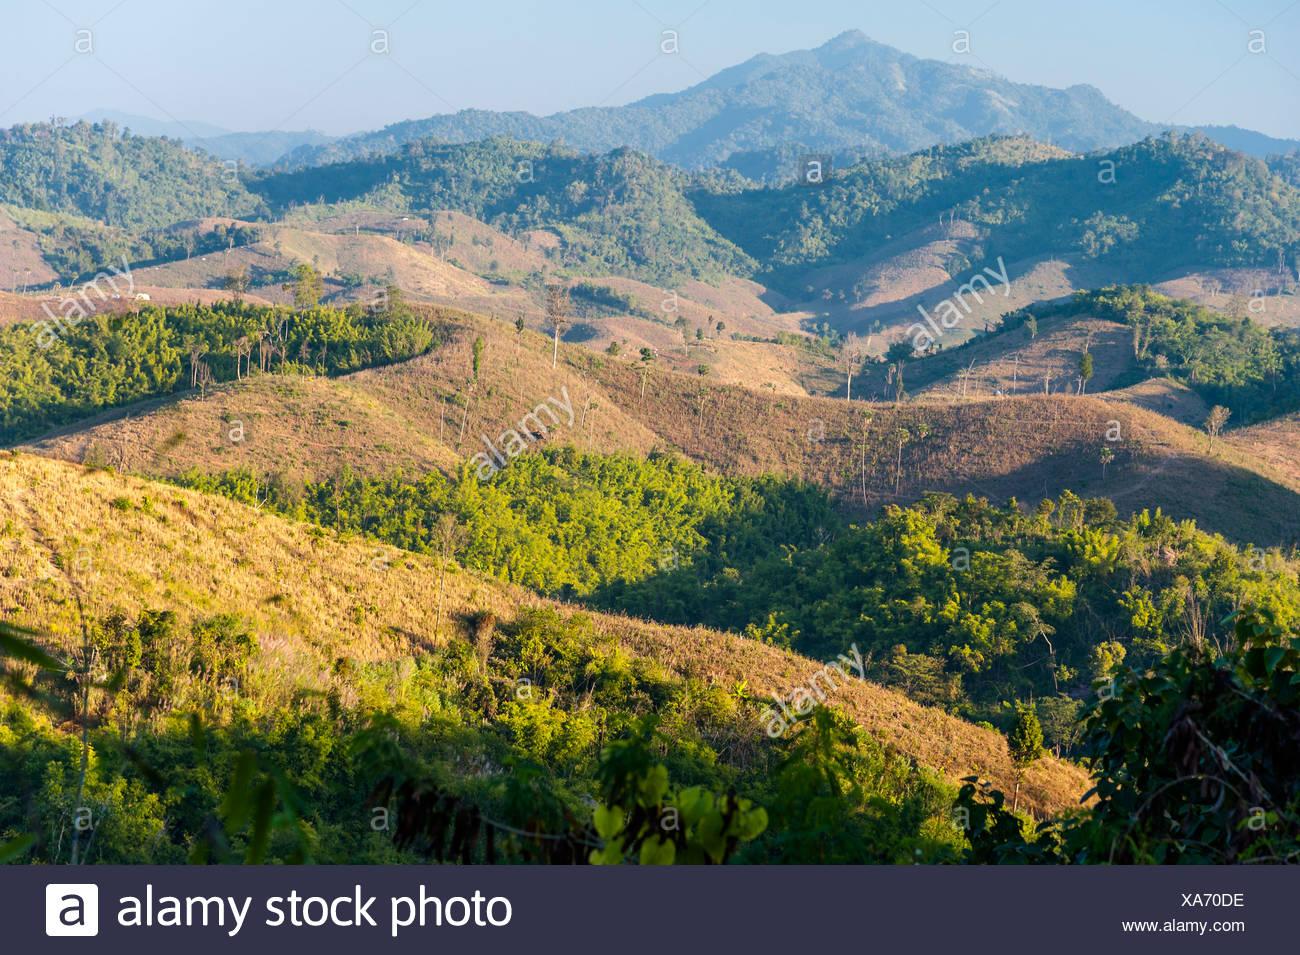 Paisaje, cosechan los campos de maíz, bosques de bambú, en el norte de Tailandia, Tailandia, Asia Imagen De Stock